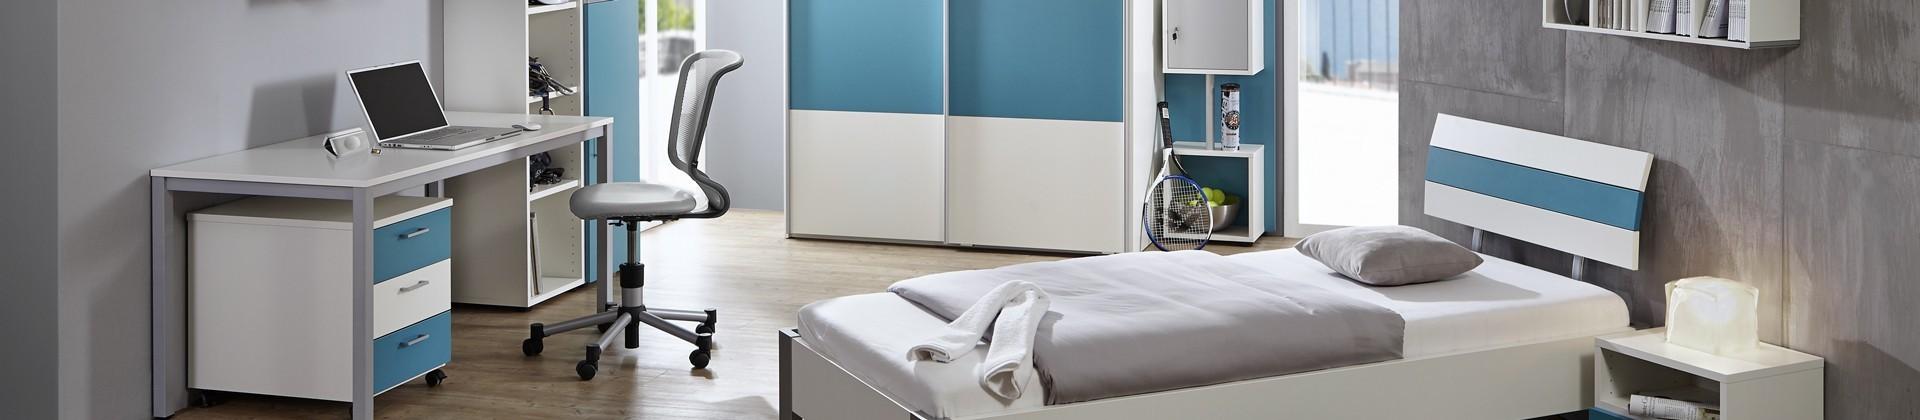 lits box spring meubles leitenberg. Black Bedroom Furniture Sets. Home Design Ideas